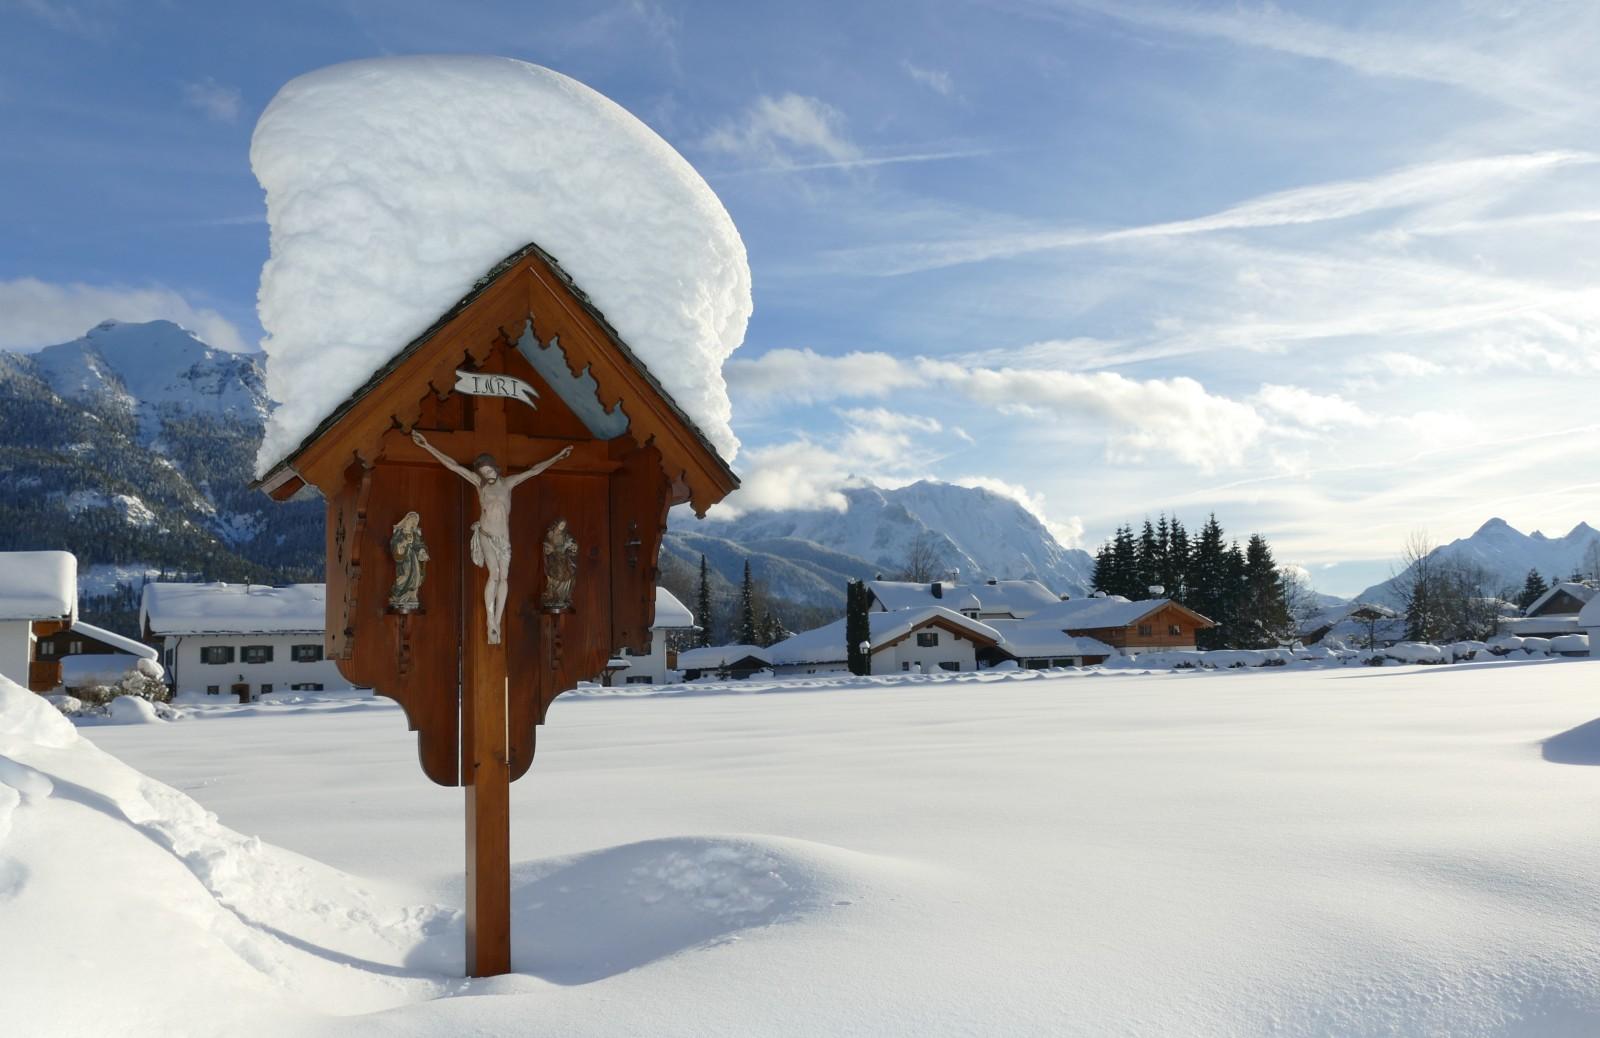 Mein schönstes Winterbild. My most beautiful winter picture